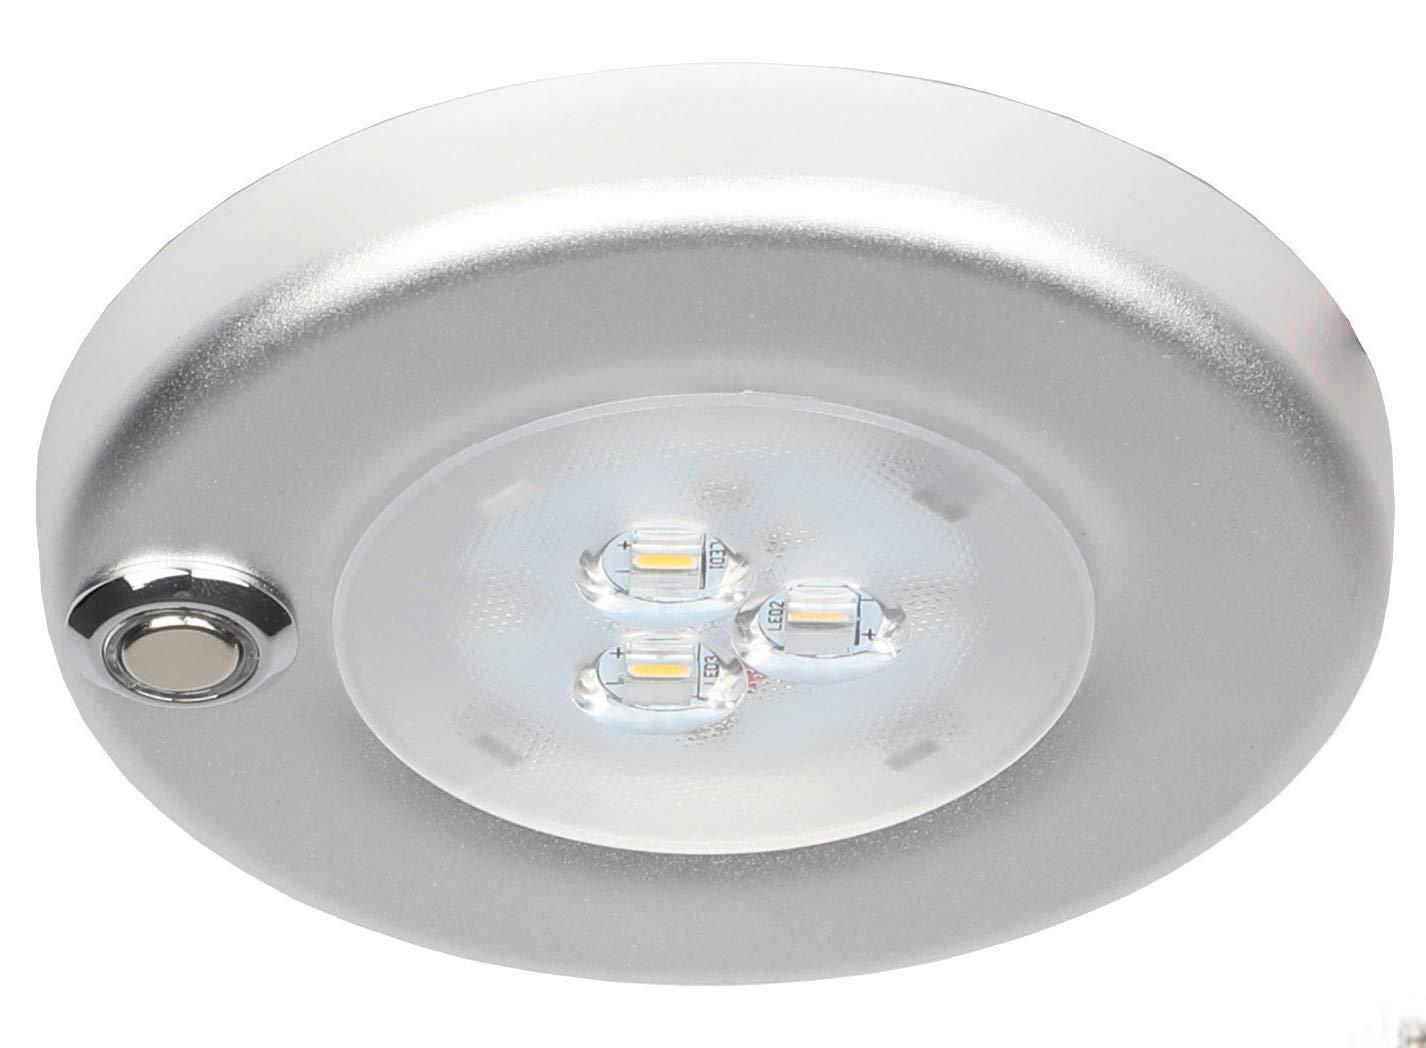 Facon 12V 3W 4inch LED montage en surface avec interrupteur marche / arrê t Dimmable pour RV / bateau / remorque / caravane / camping-car (commutateur tactile) Genesis Lighting Co. Ltd.